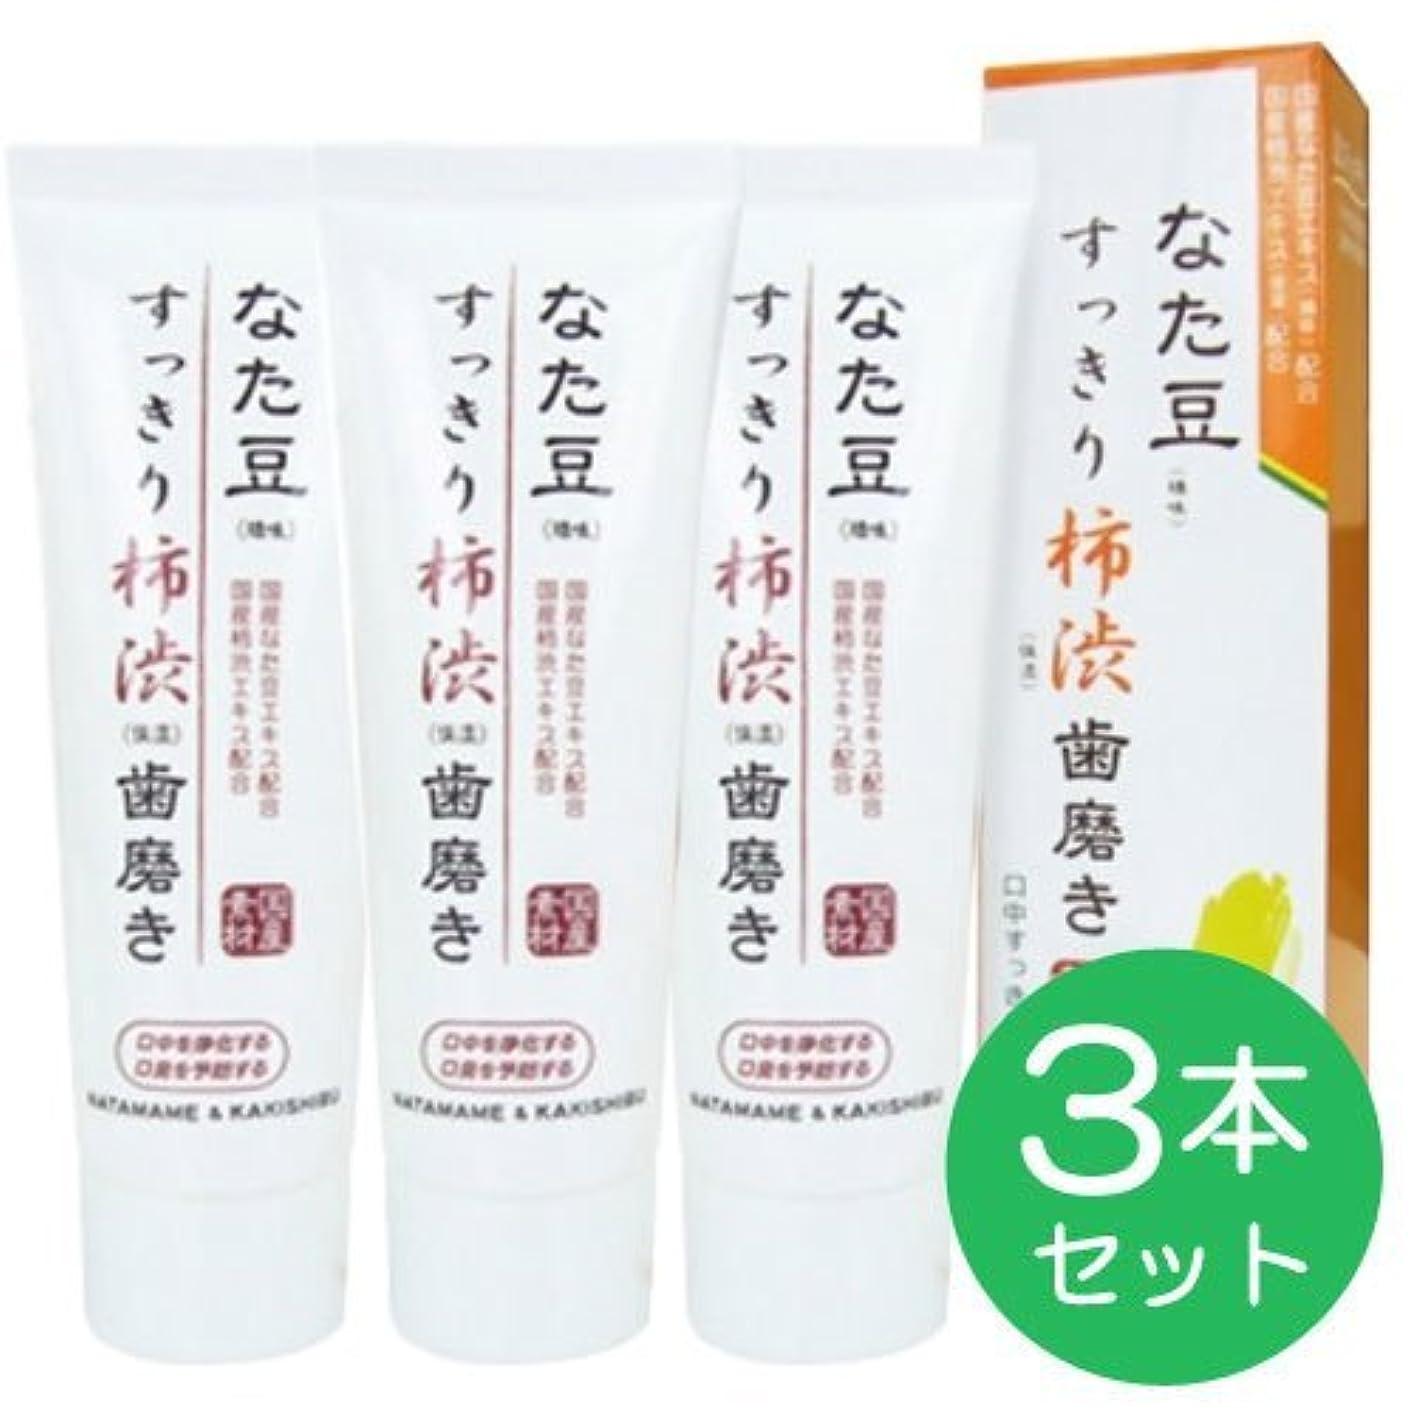 メディア怖がらせる快適なた豆すっきり柿渋歯磨き粉 (3個)